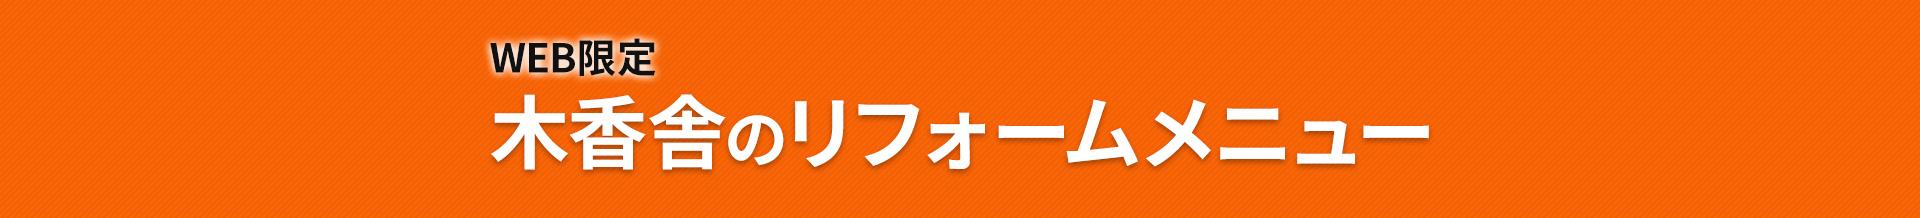 WEB限定木香舎のリフォームメニュー